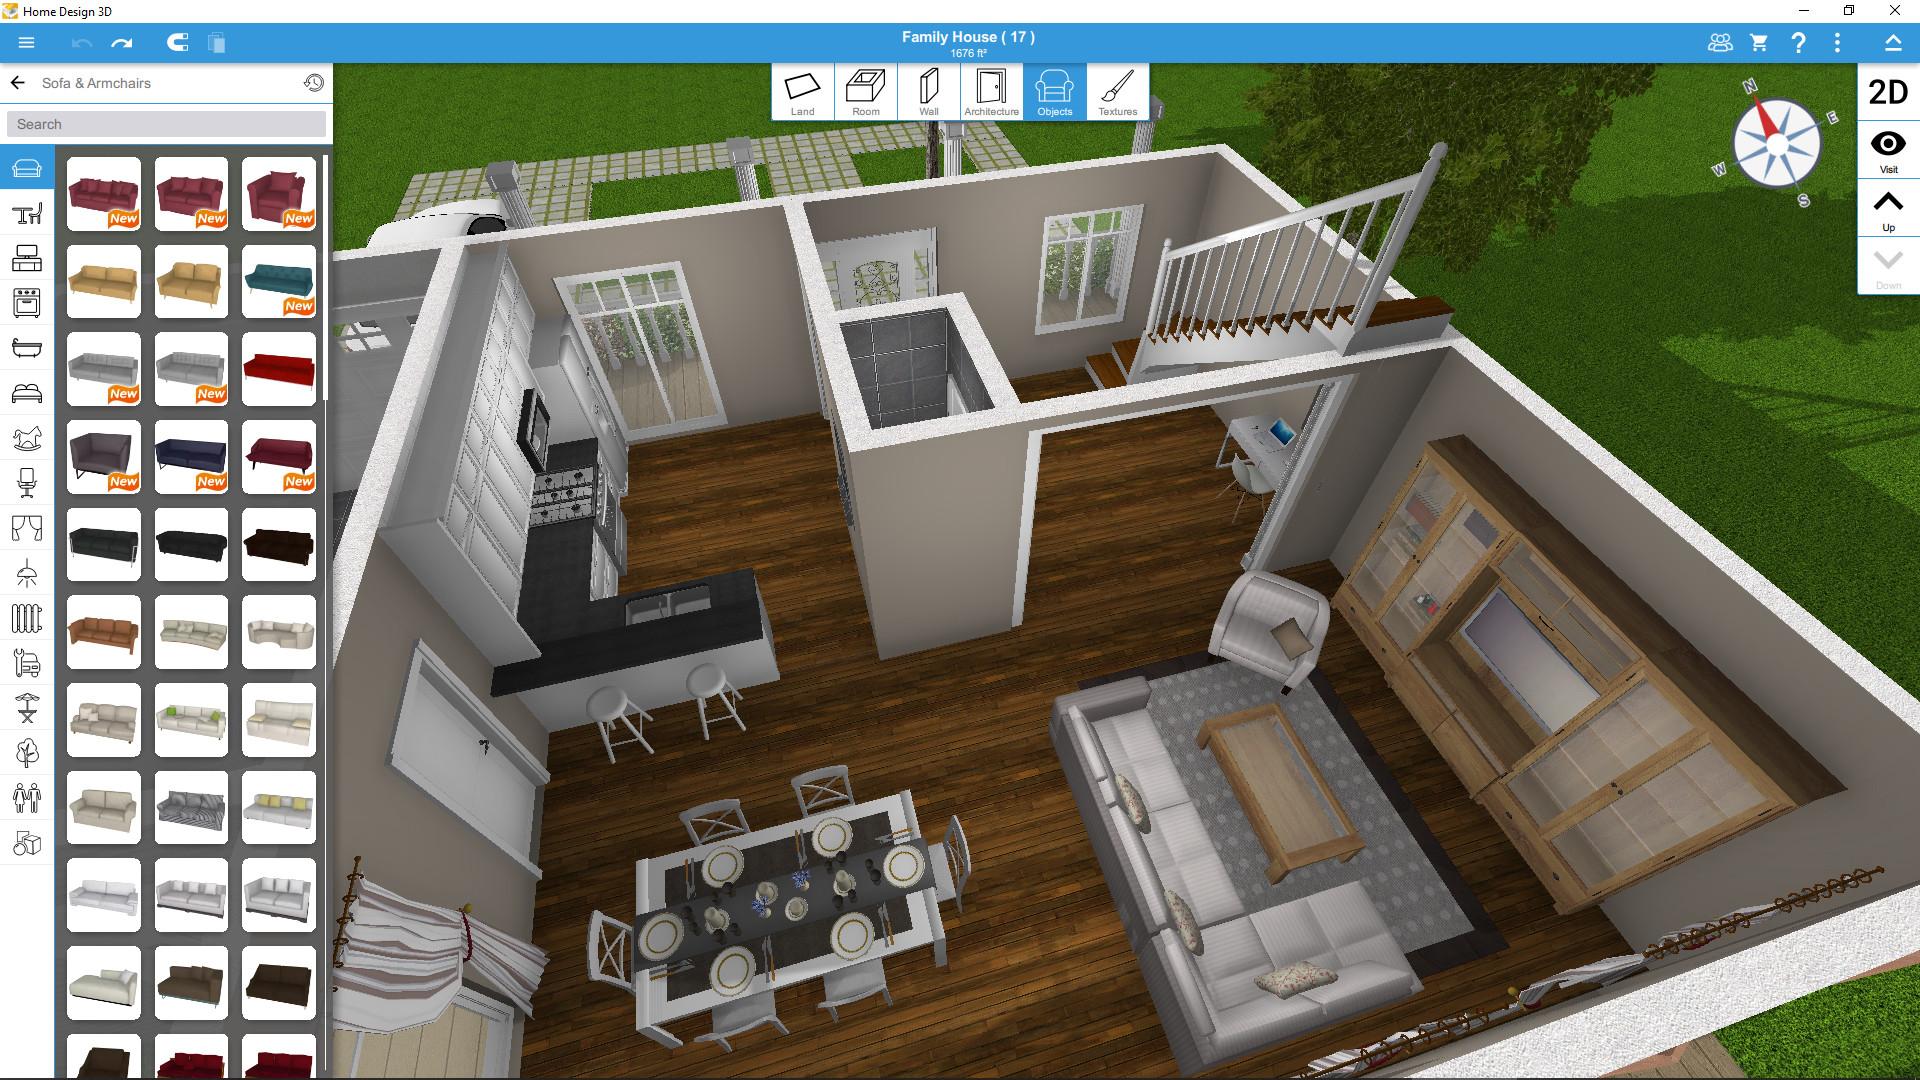 Home Design 20D bei Steam